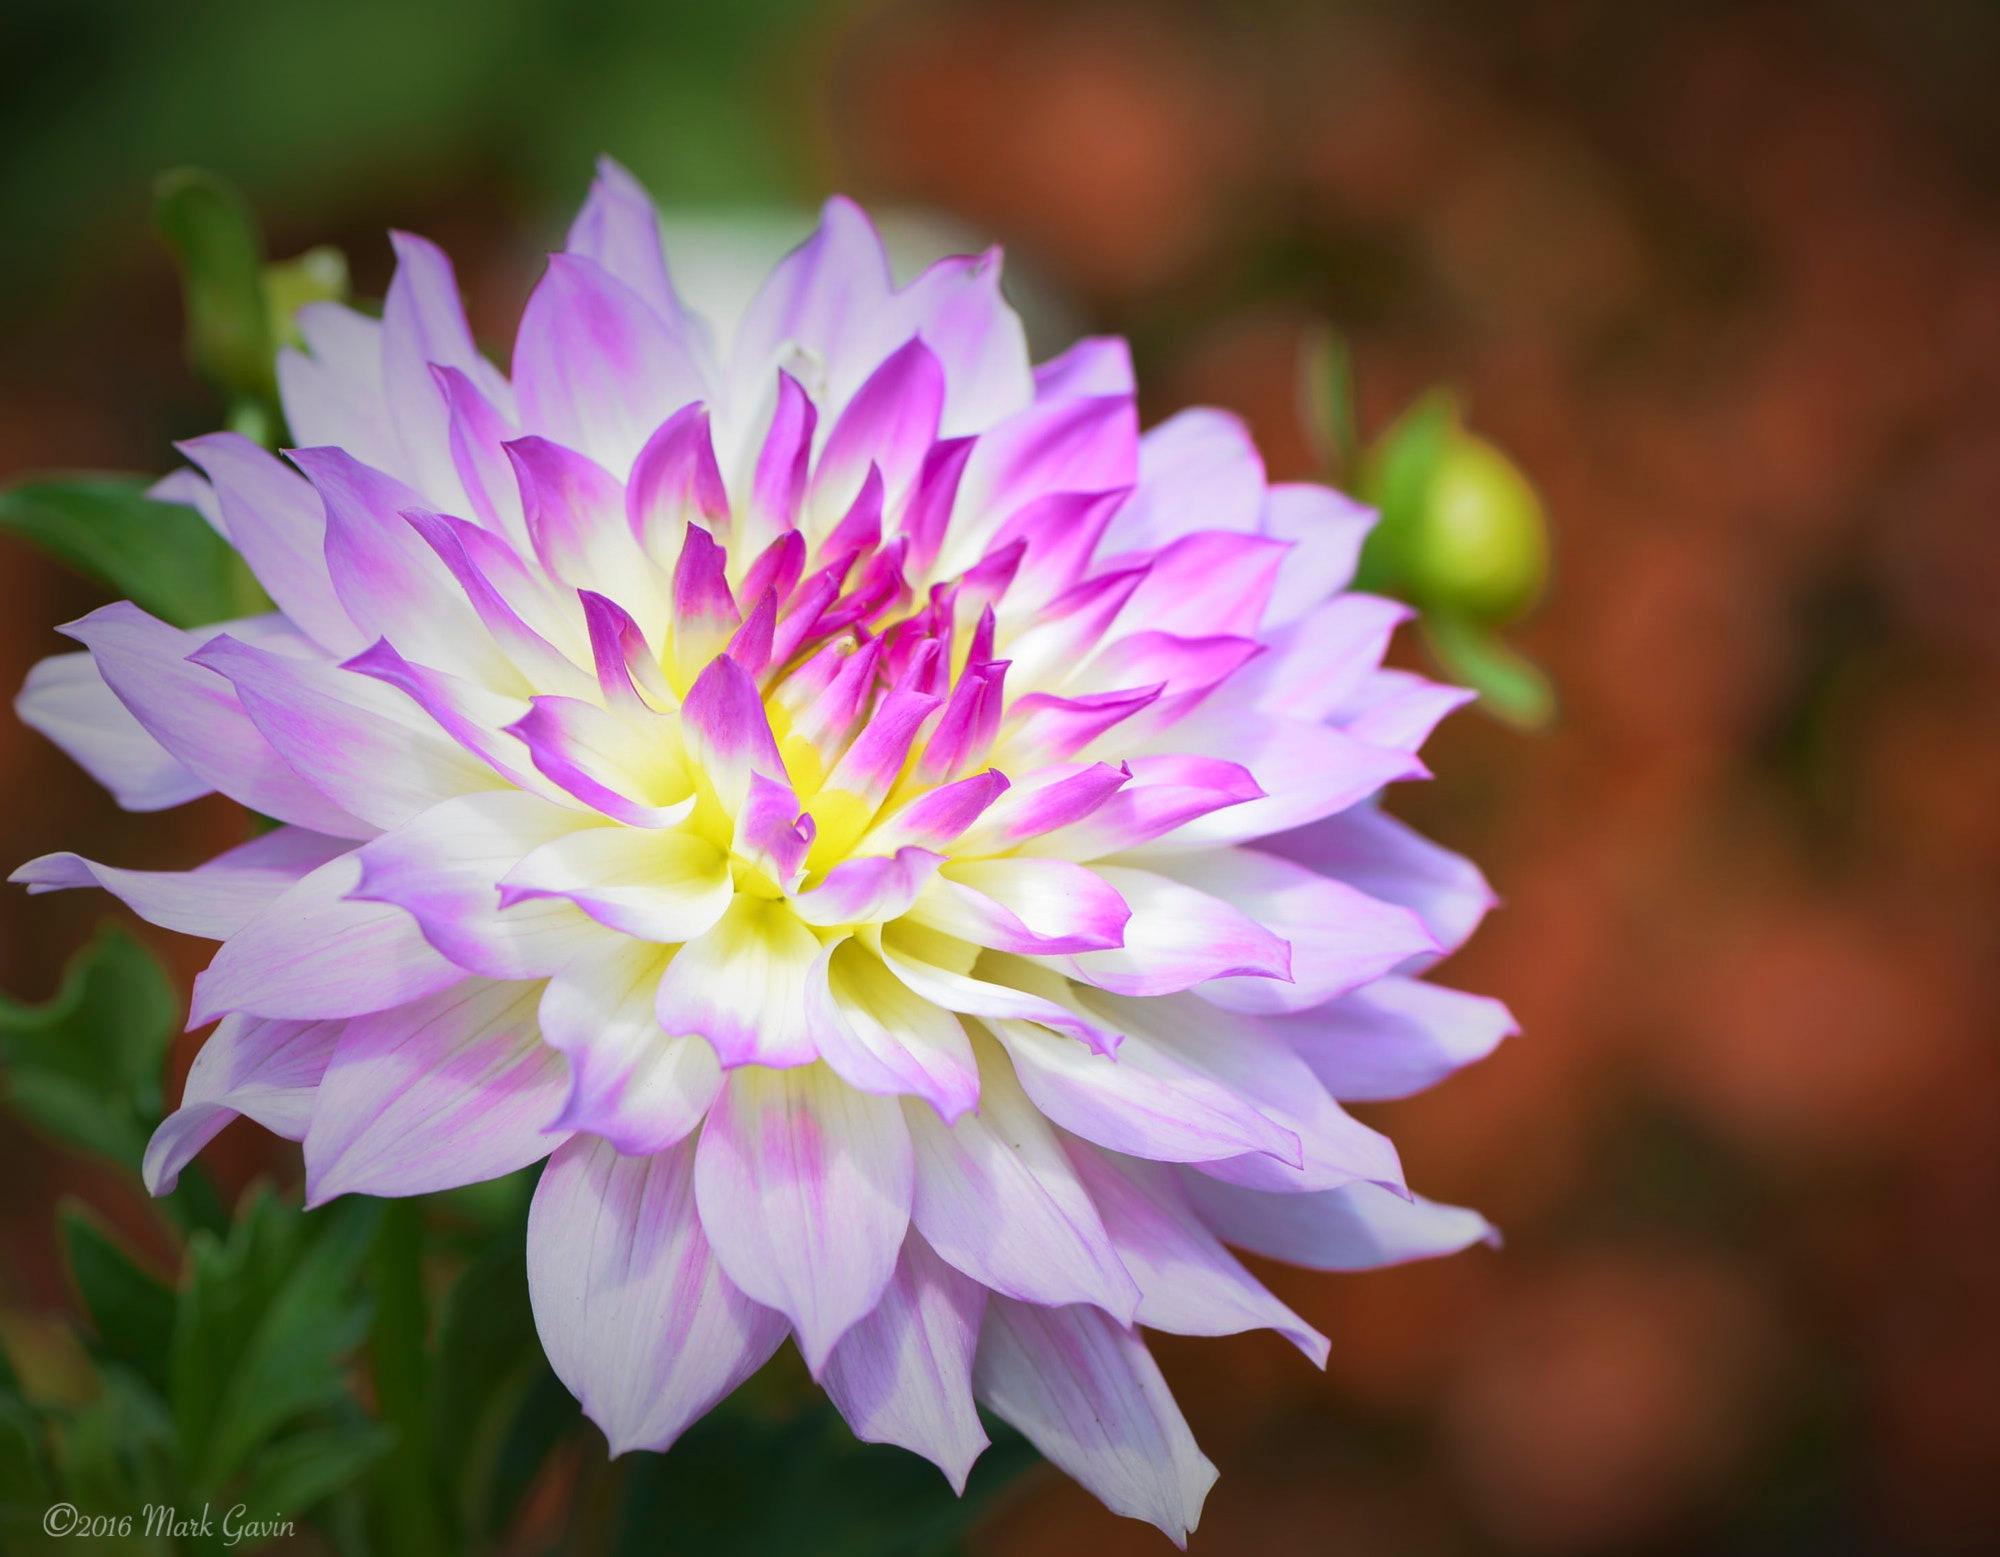 Yellow and Purple Chrysanthemum by Mark Gavin